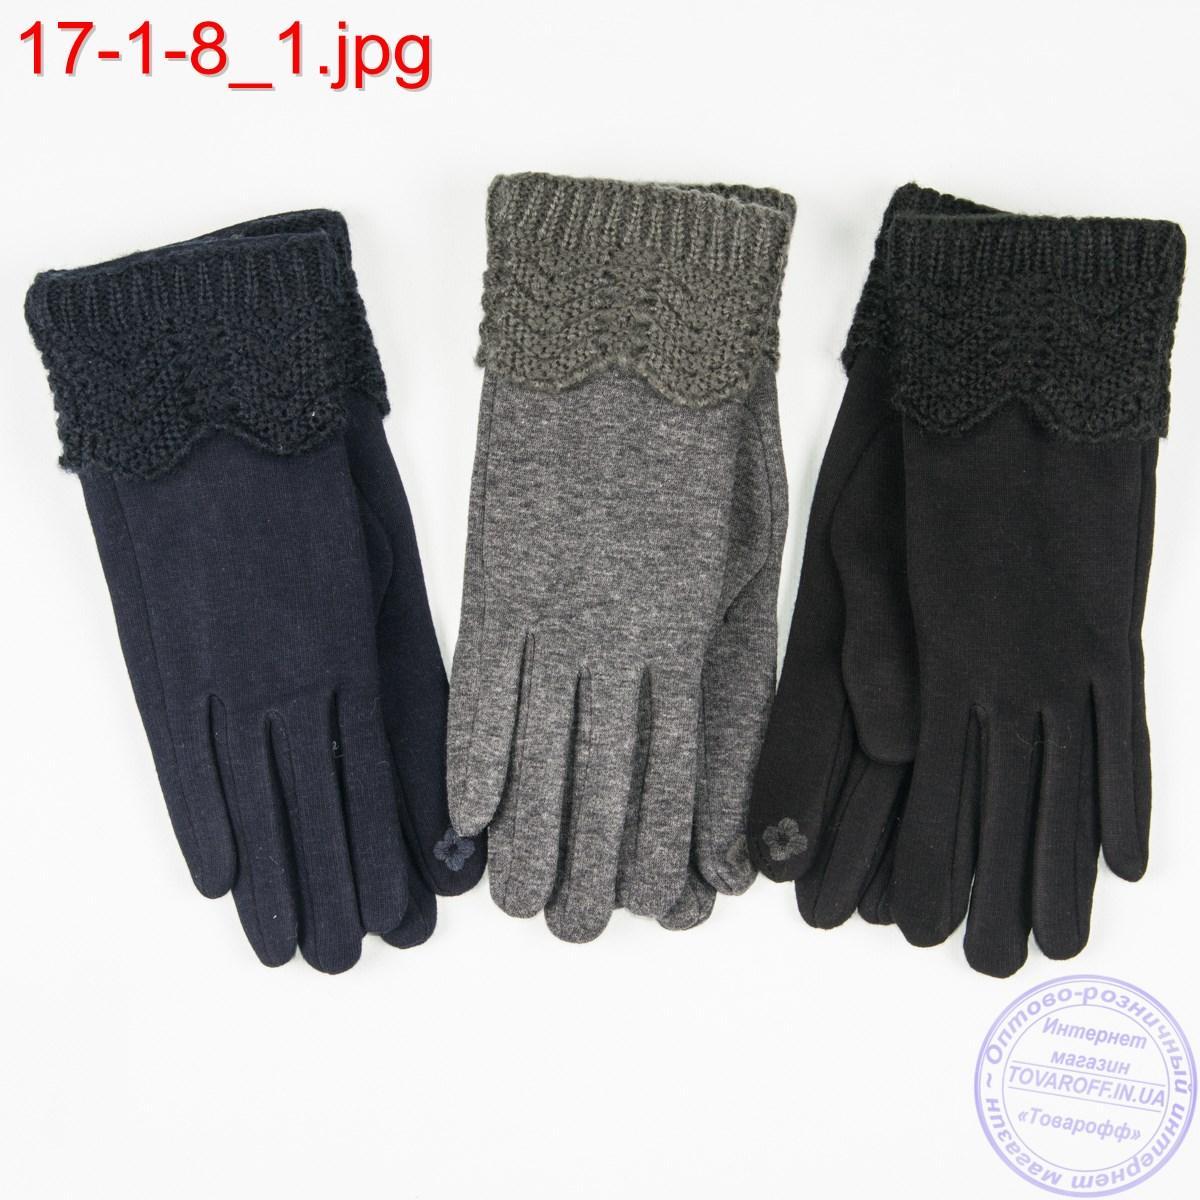 Оптом женские трикотажные стрейчевые перчатки для сенсорных телефонов - №17-1-8